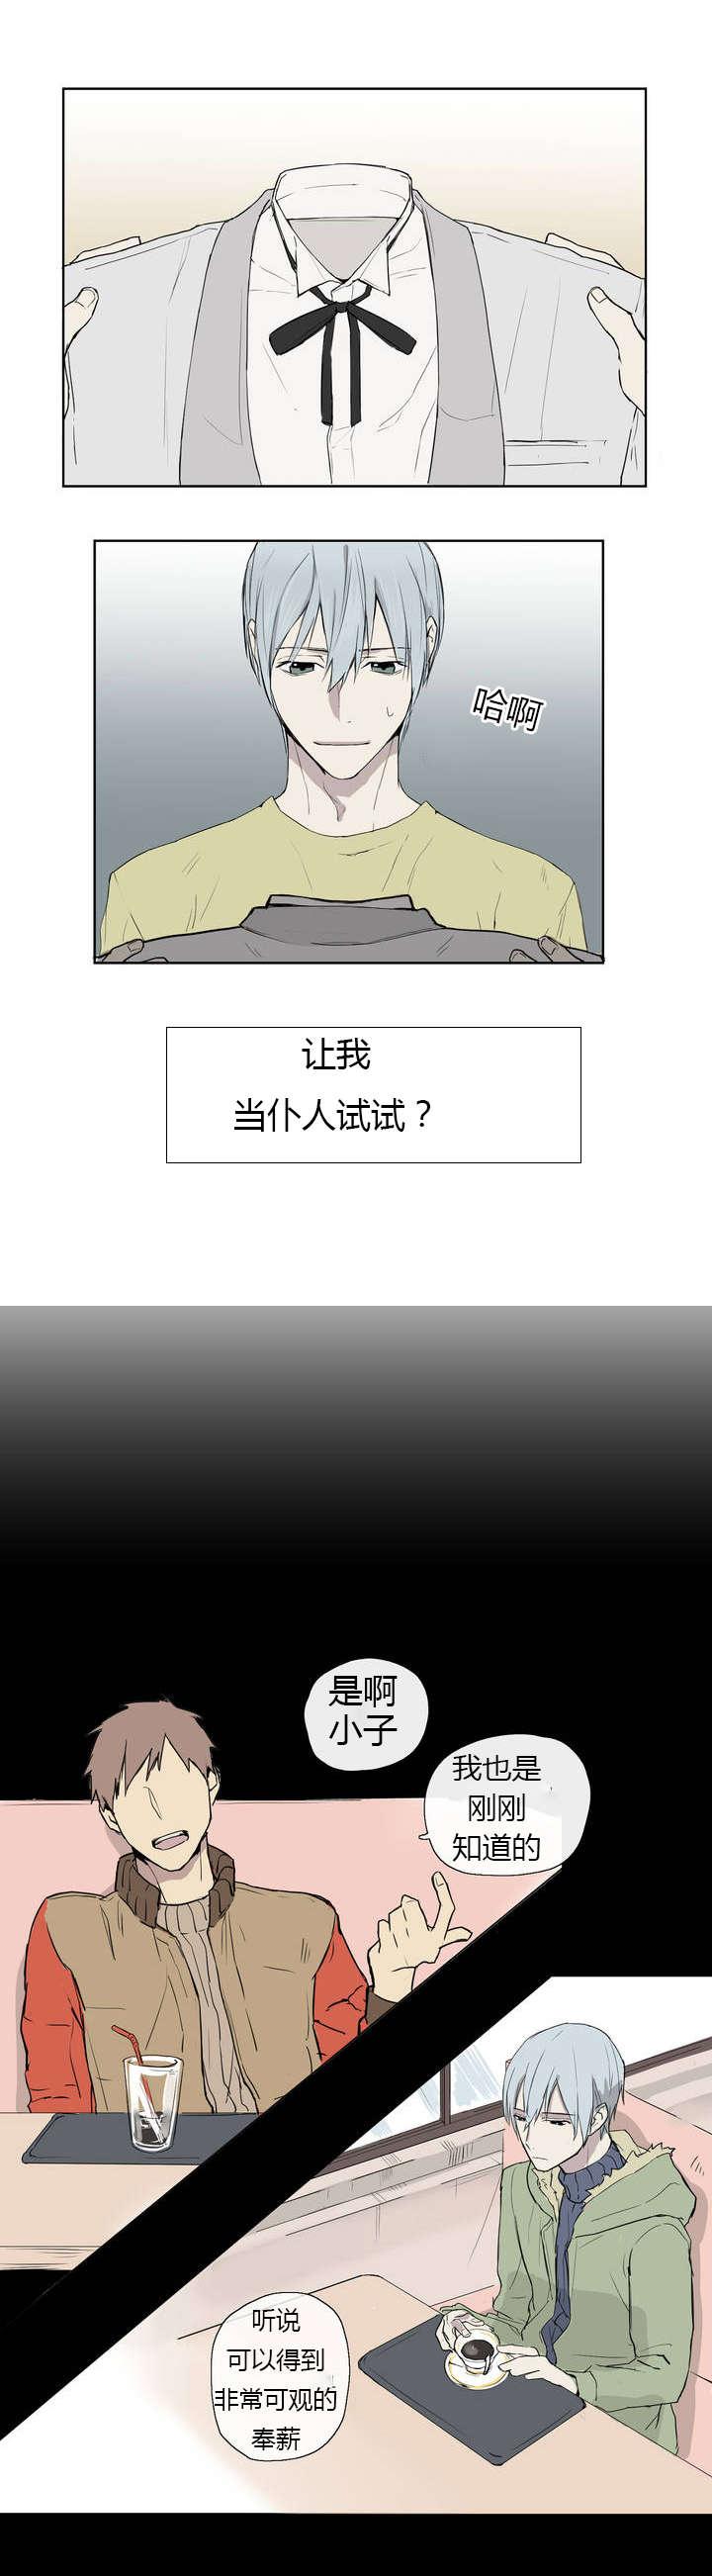 皇家执事-漫画下拉式在线阅读_完整版汉化已完结-啵乐漫画